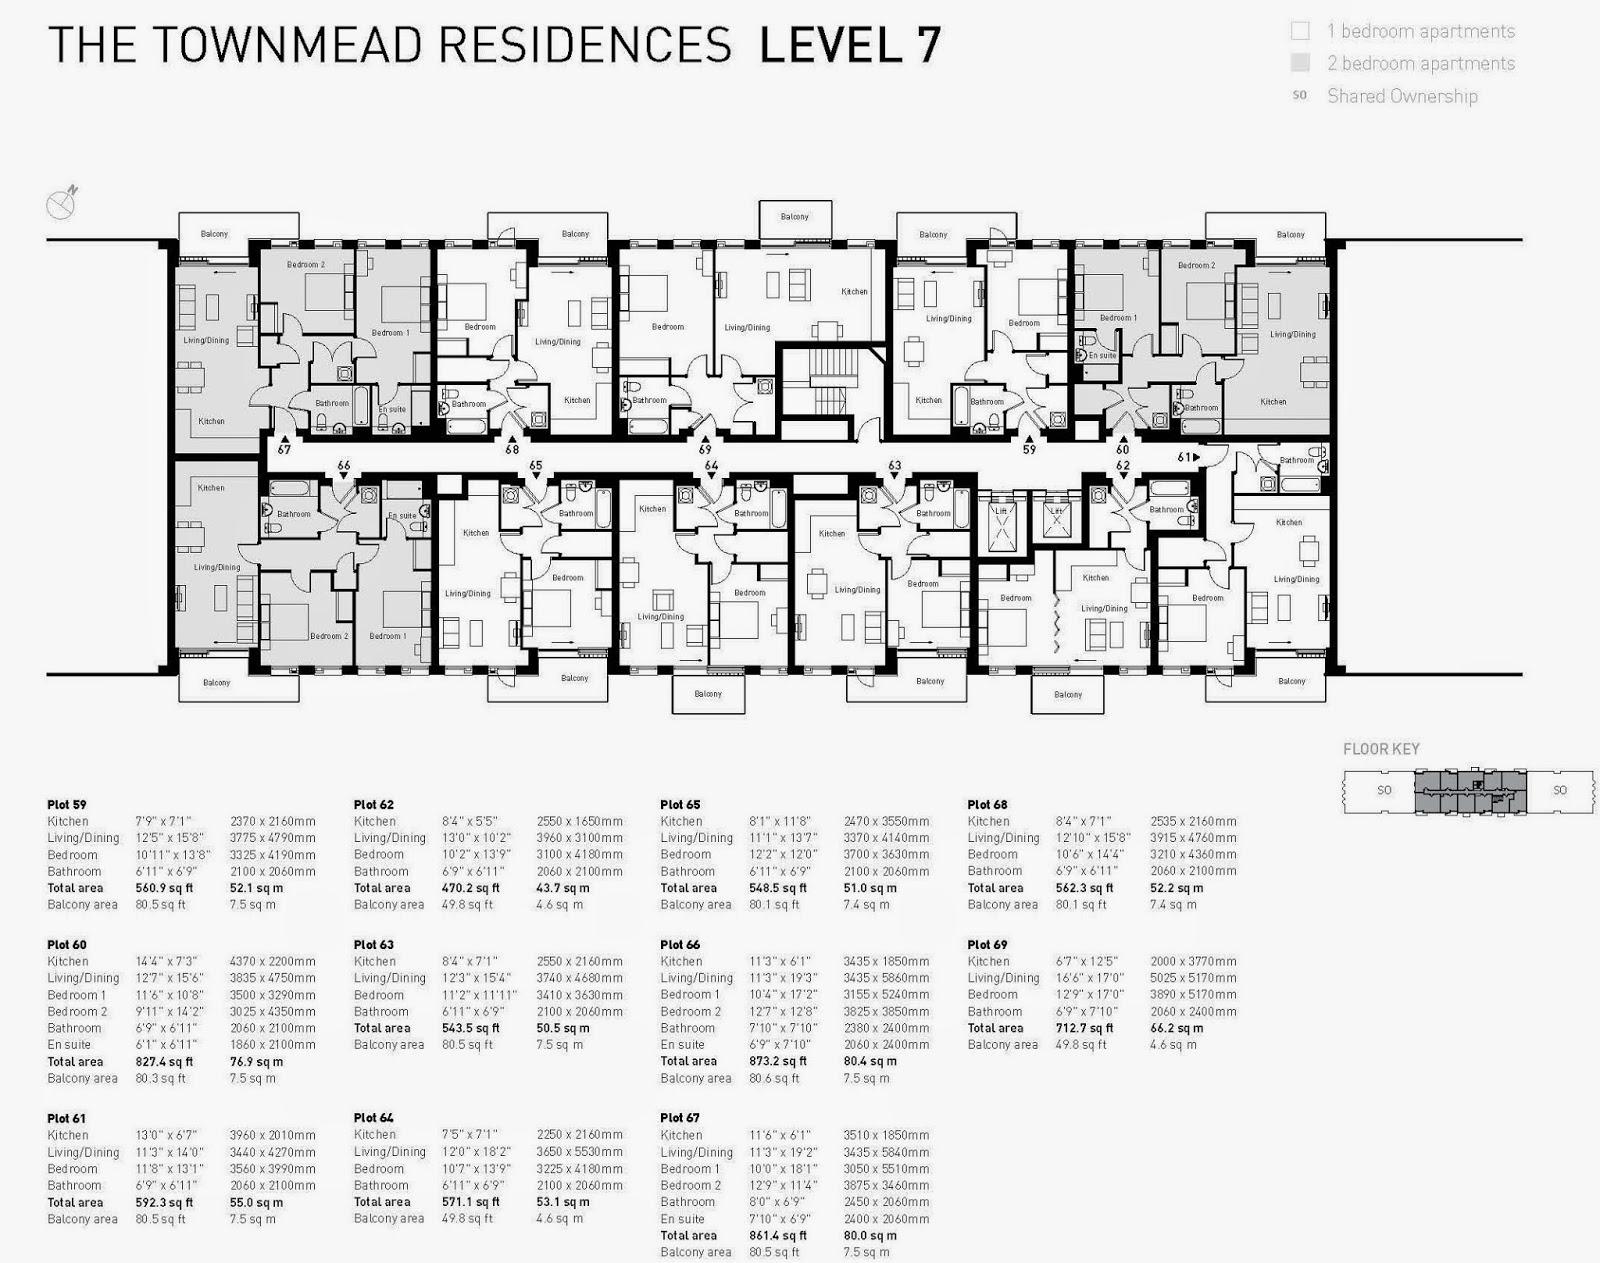 英國倫敦包租買房-富勒姆樓盤圖